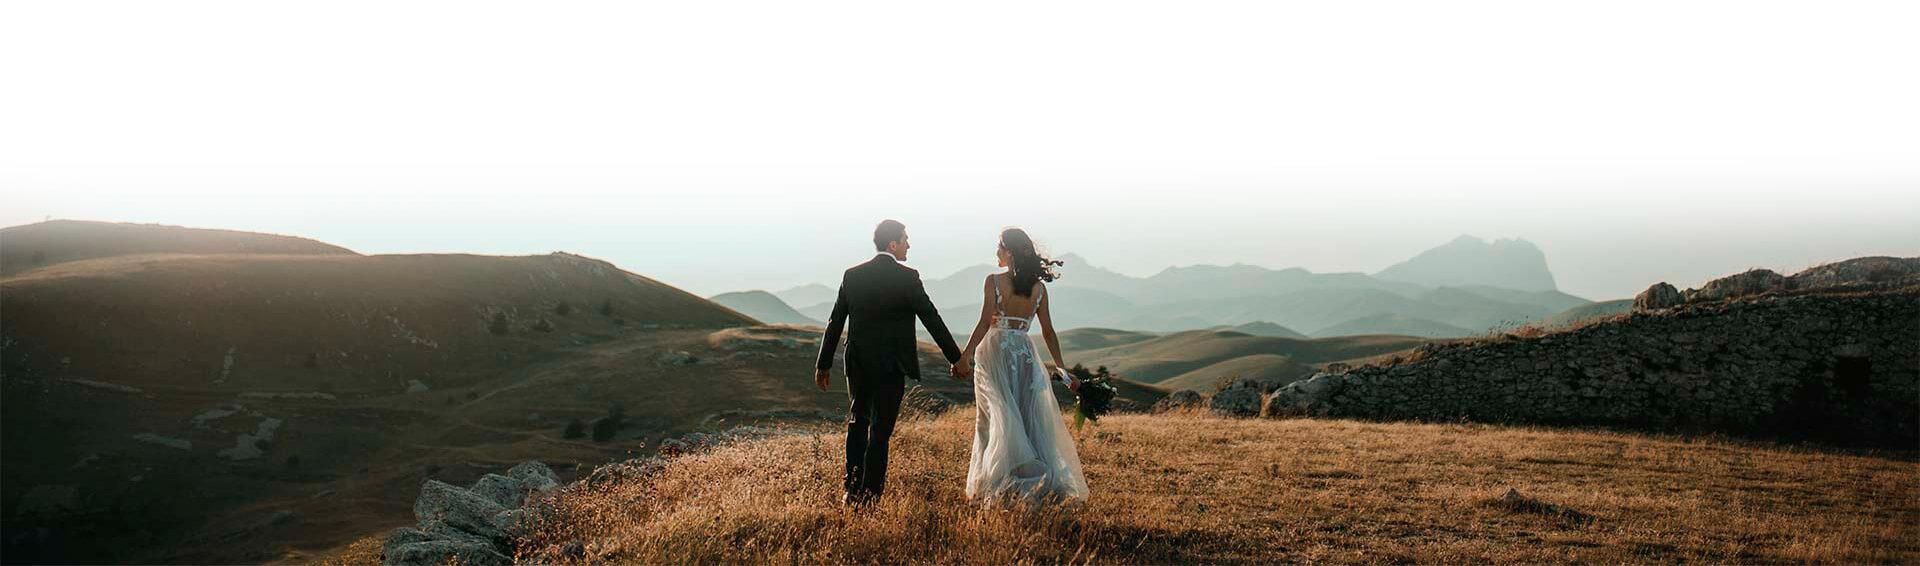 Brautpaar Hand in Hand vor Bergpanorama